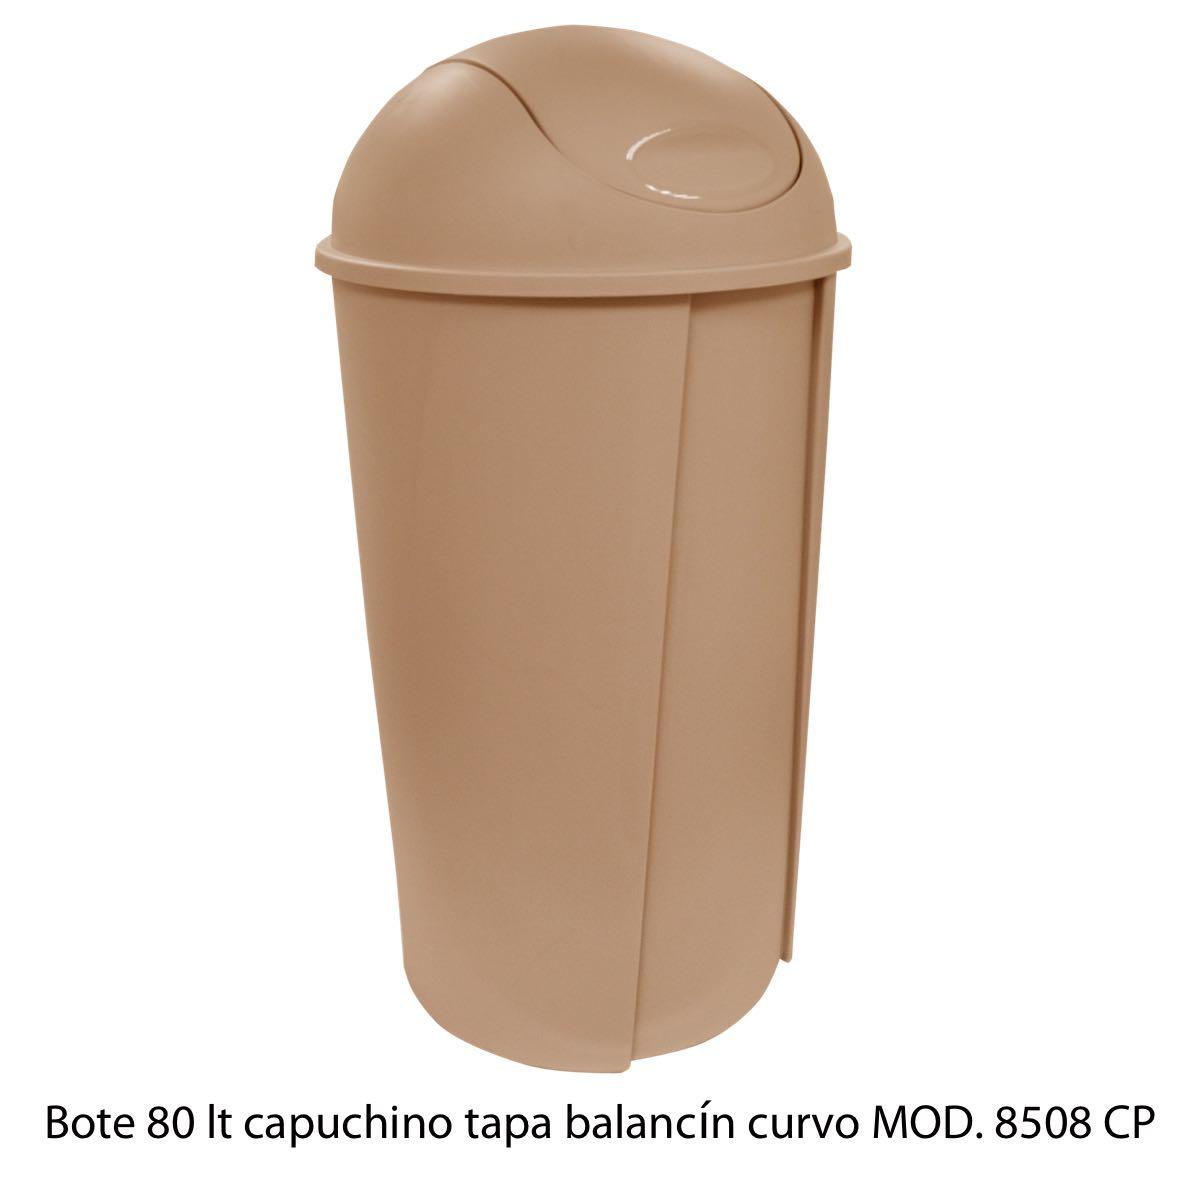 Bote de bausra de 80 litros con tapa balancín curvo color capuchino modelo 8508 CP Sablón